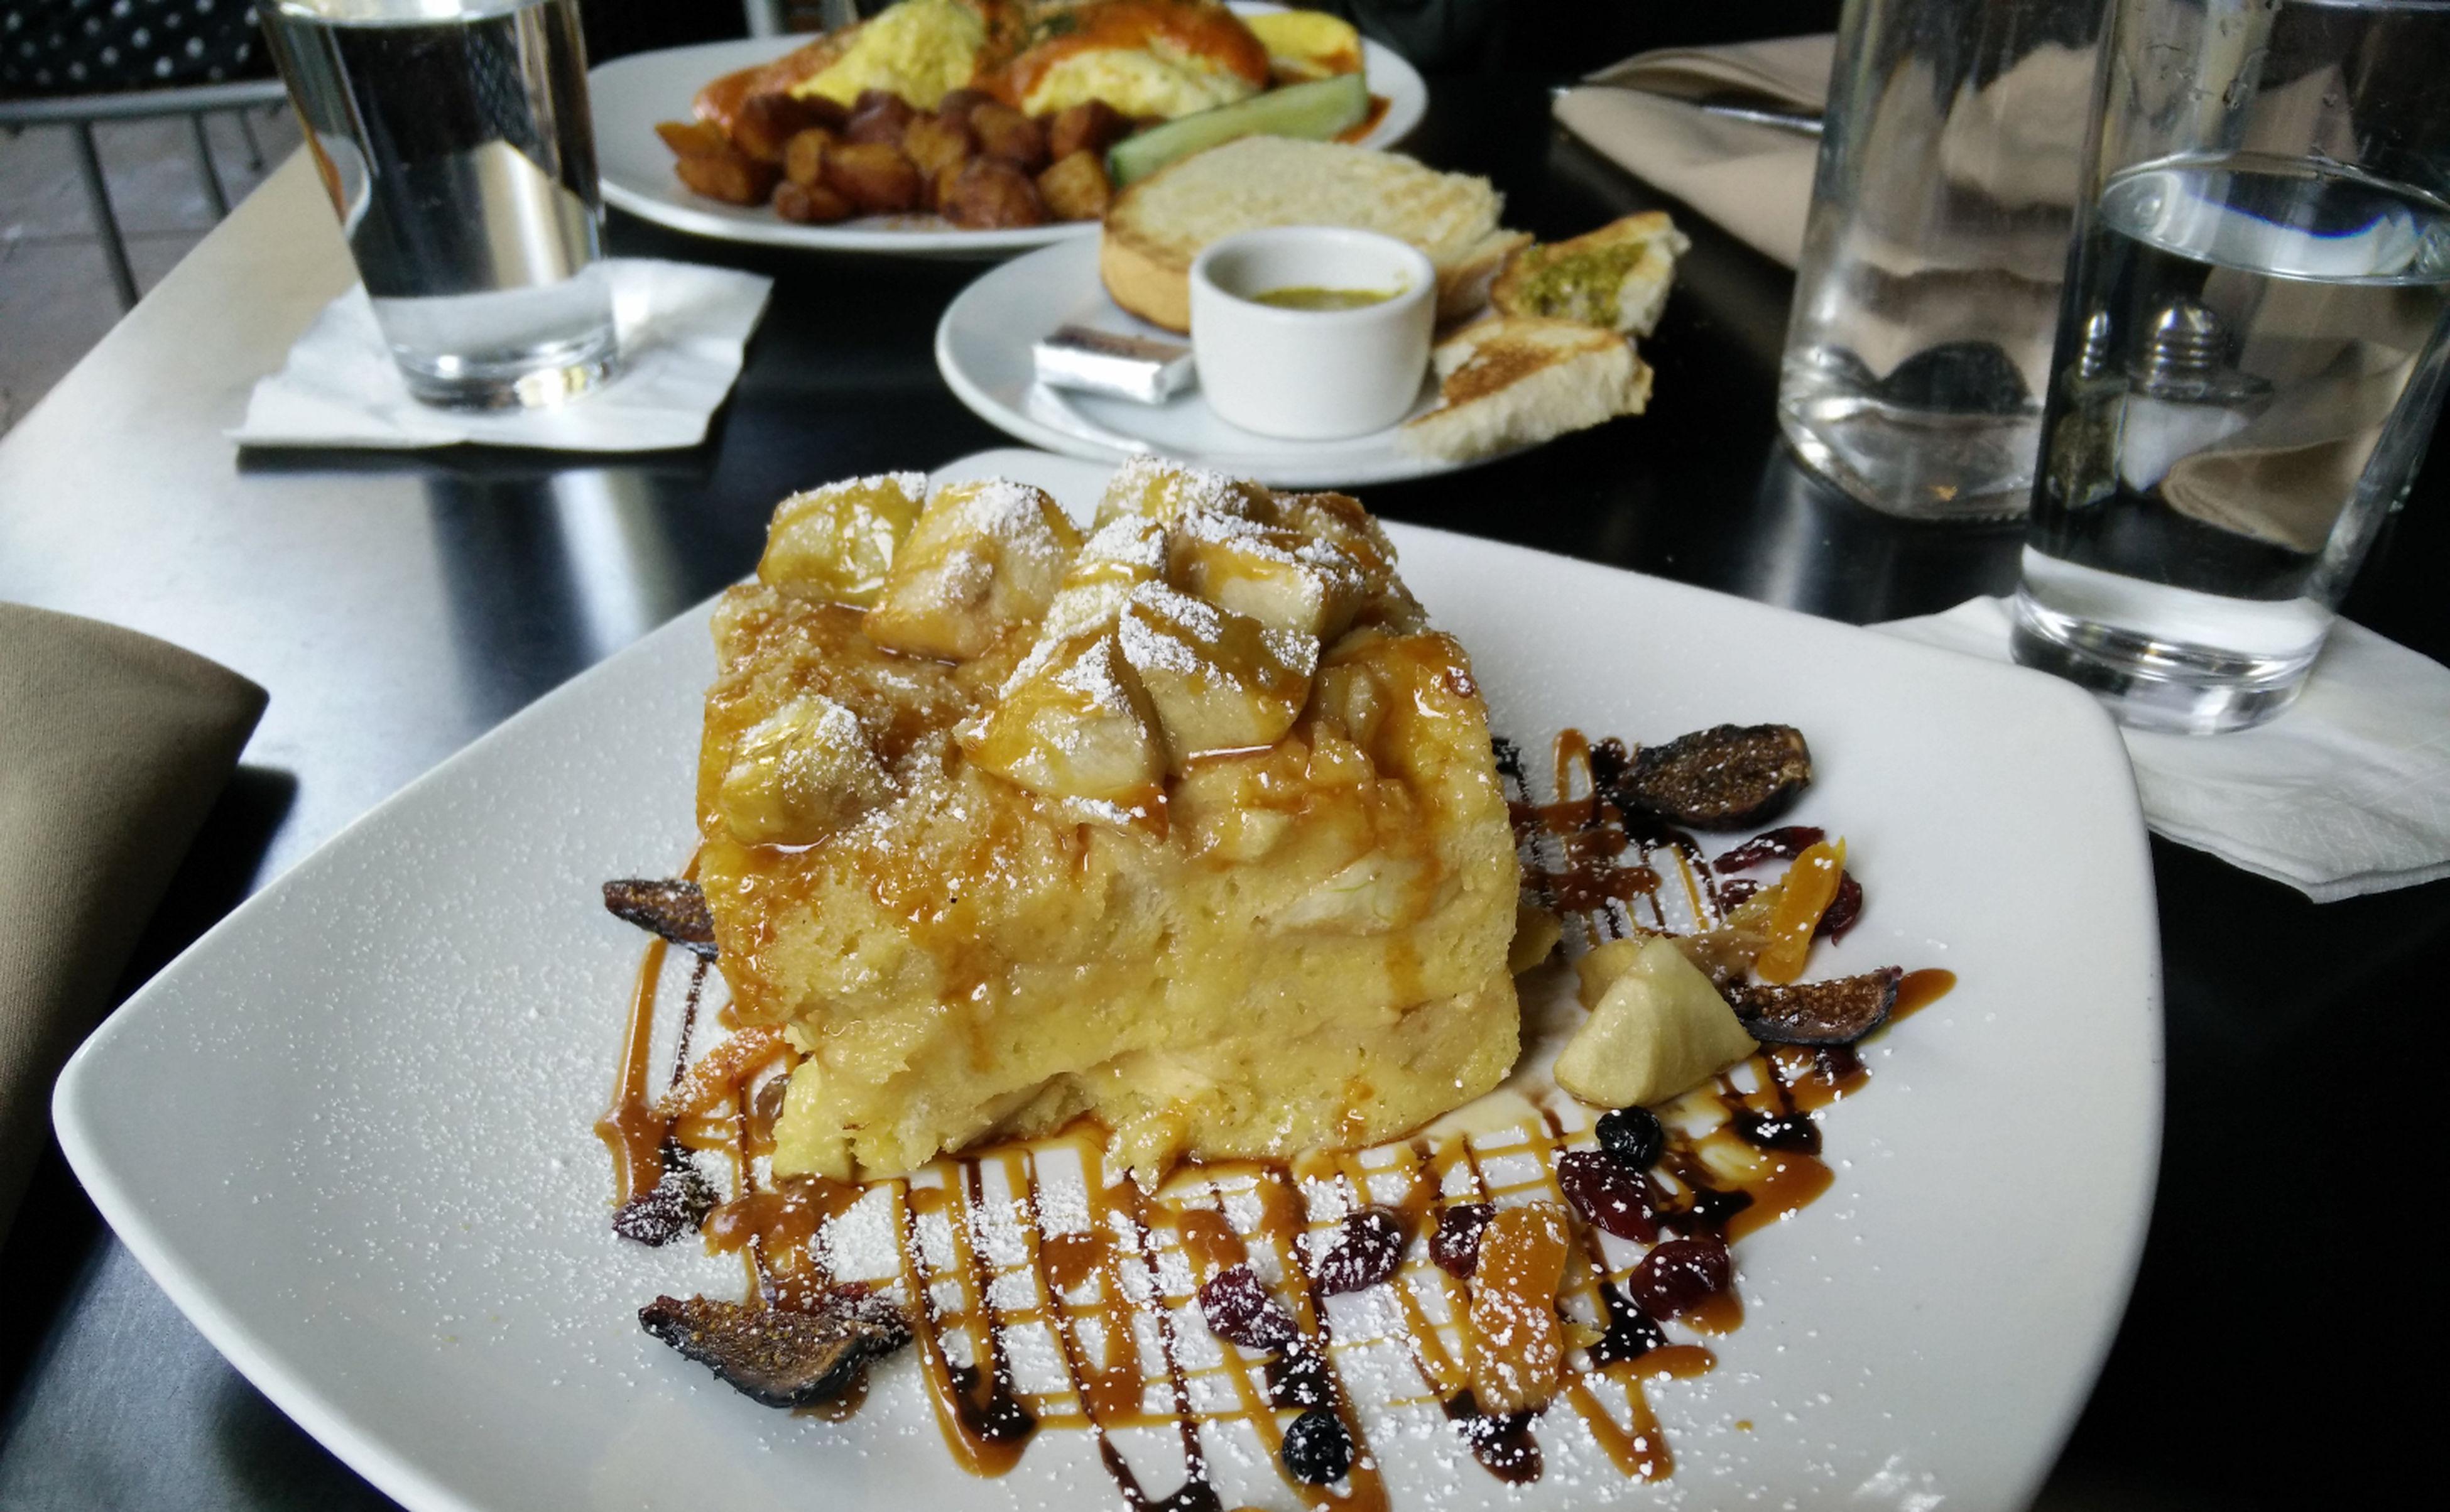 Baked apple caramel french toast Old Vine Cafe Food Brunch Coasta Mesa